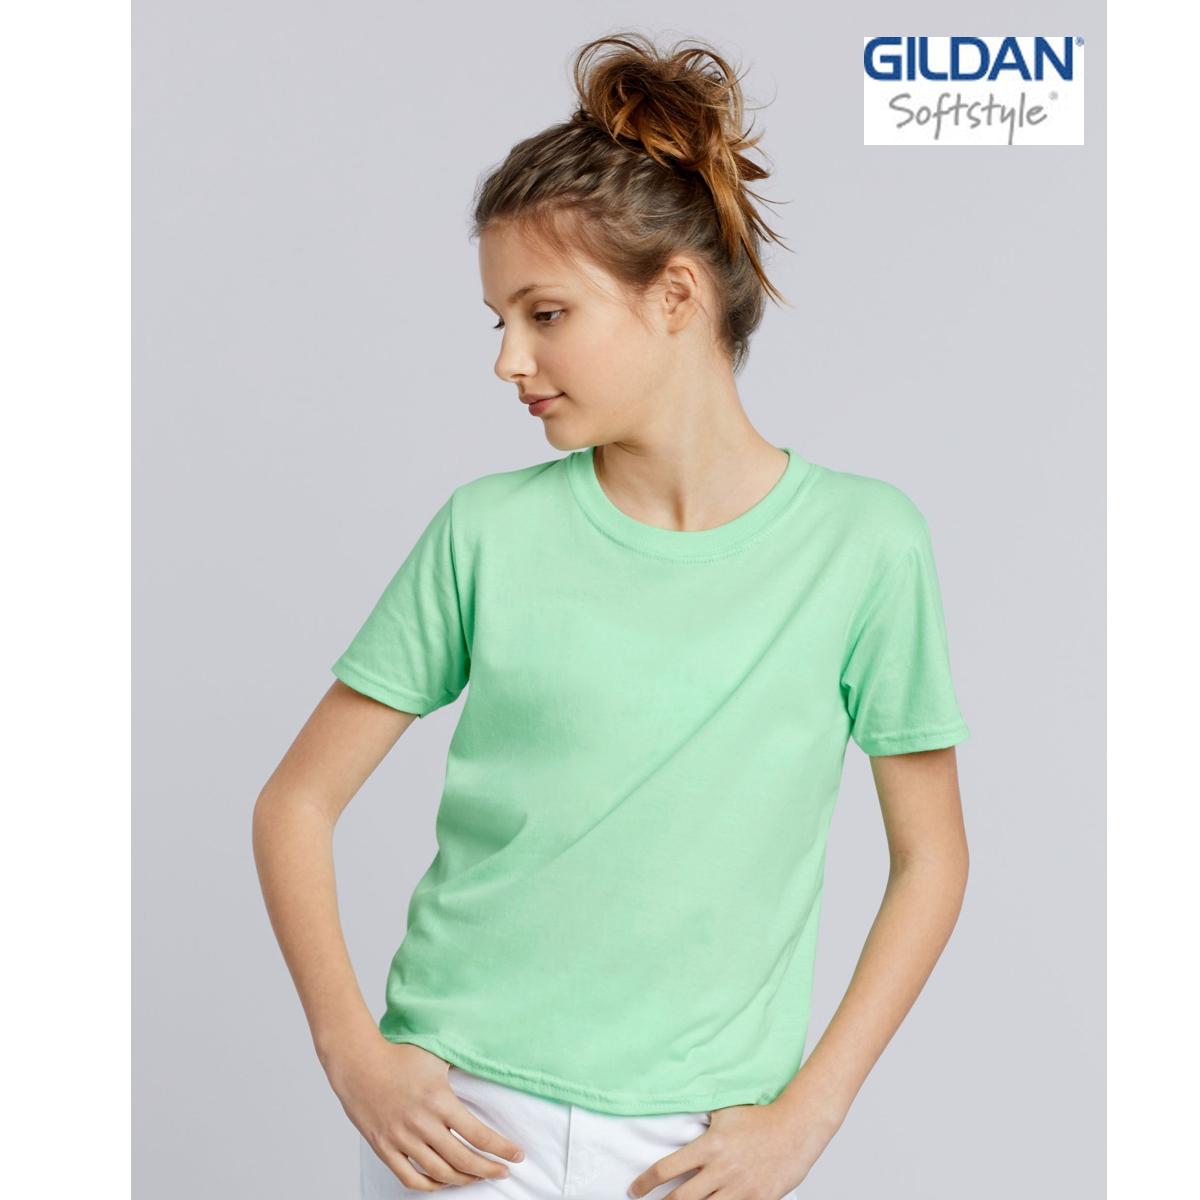 Soft Style Unisex Tshirt (Child)